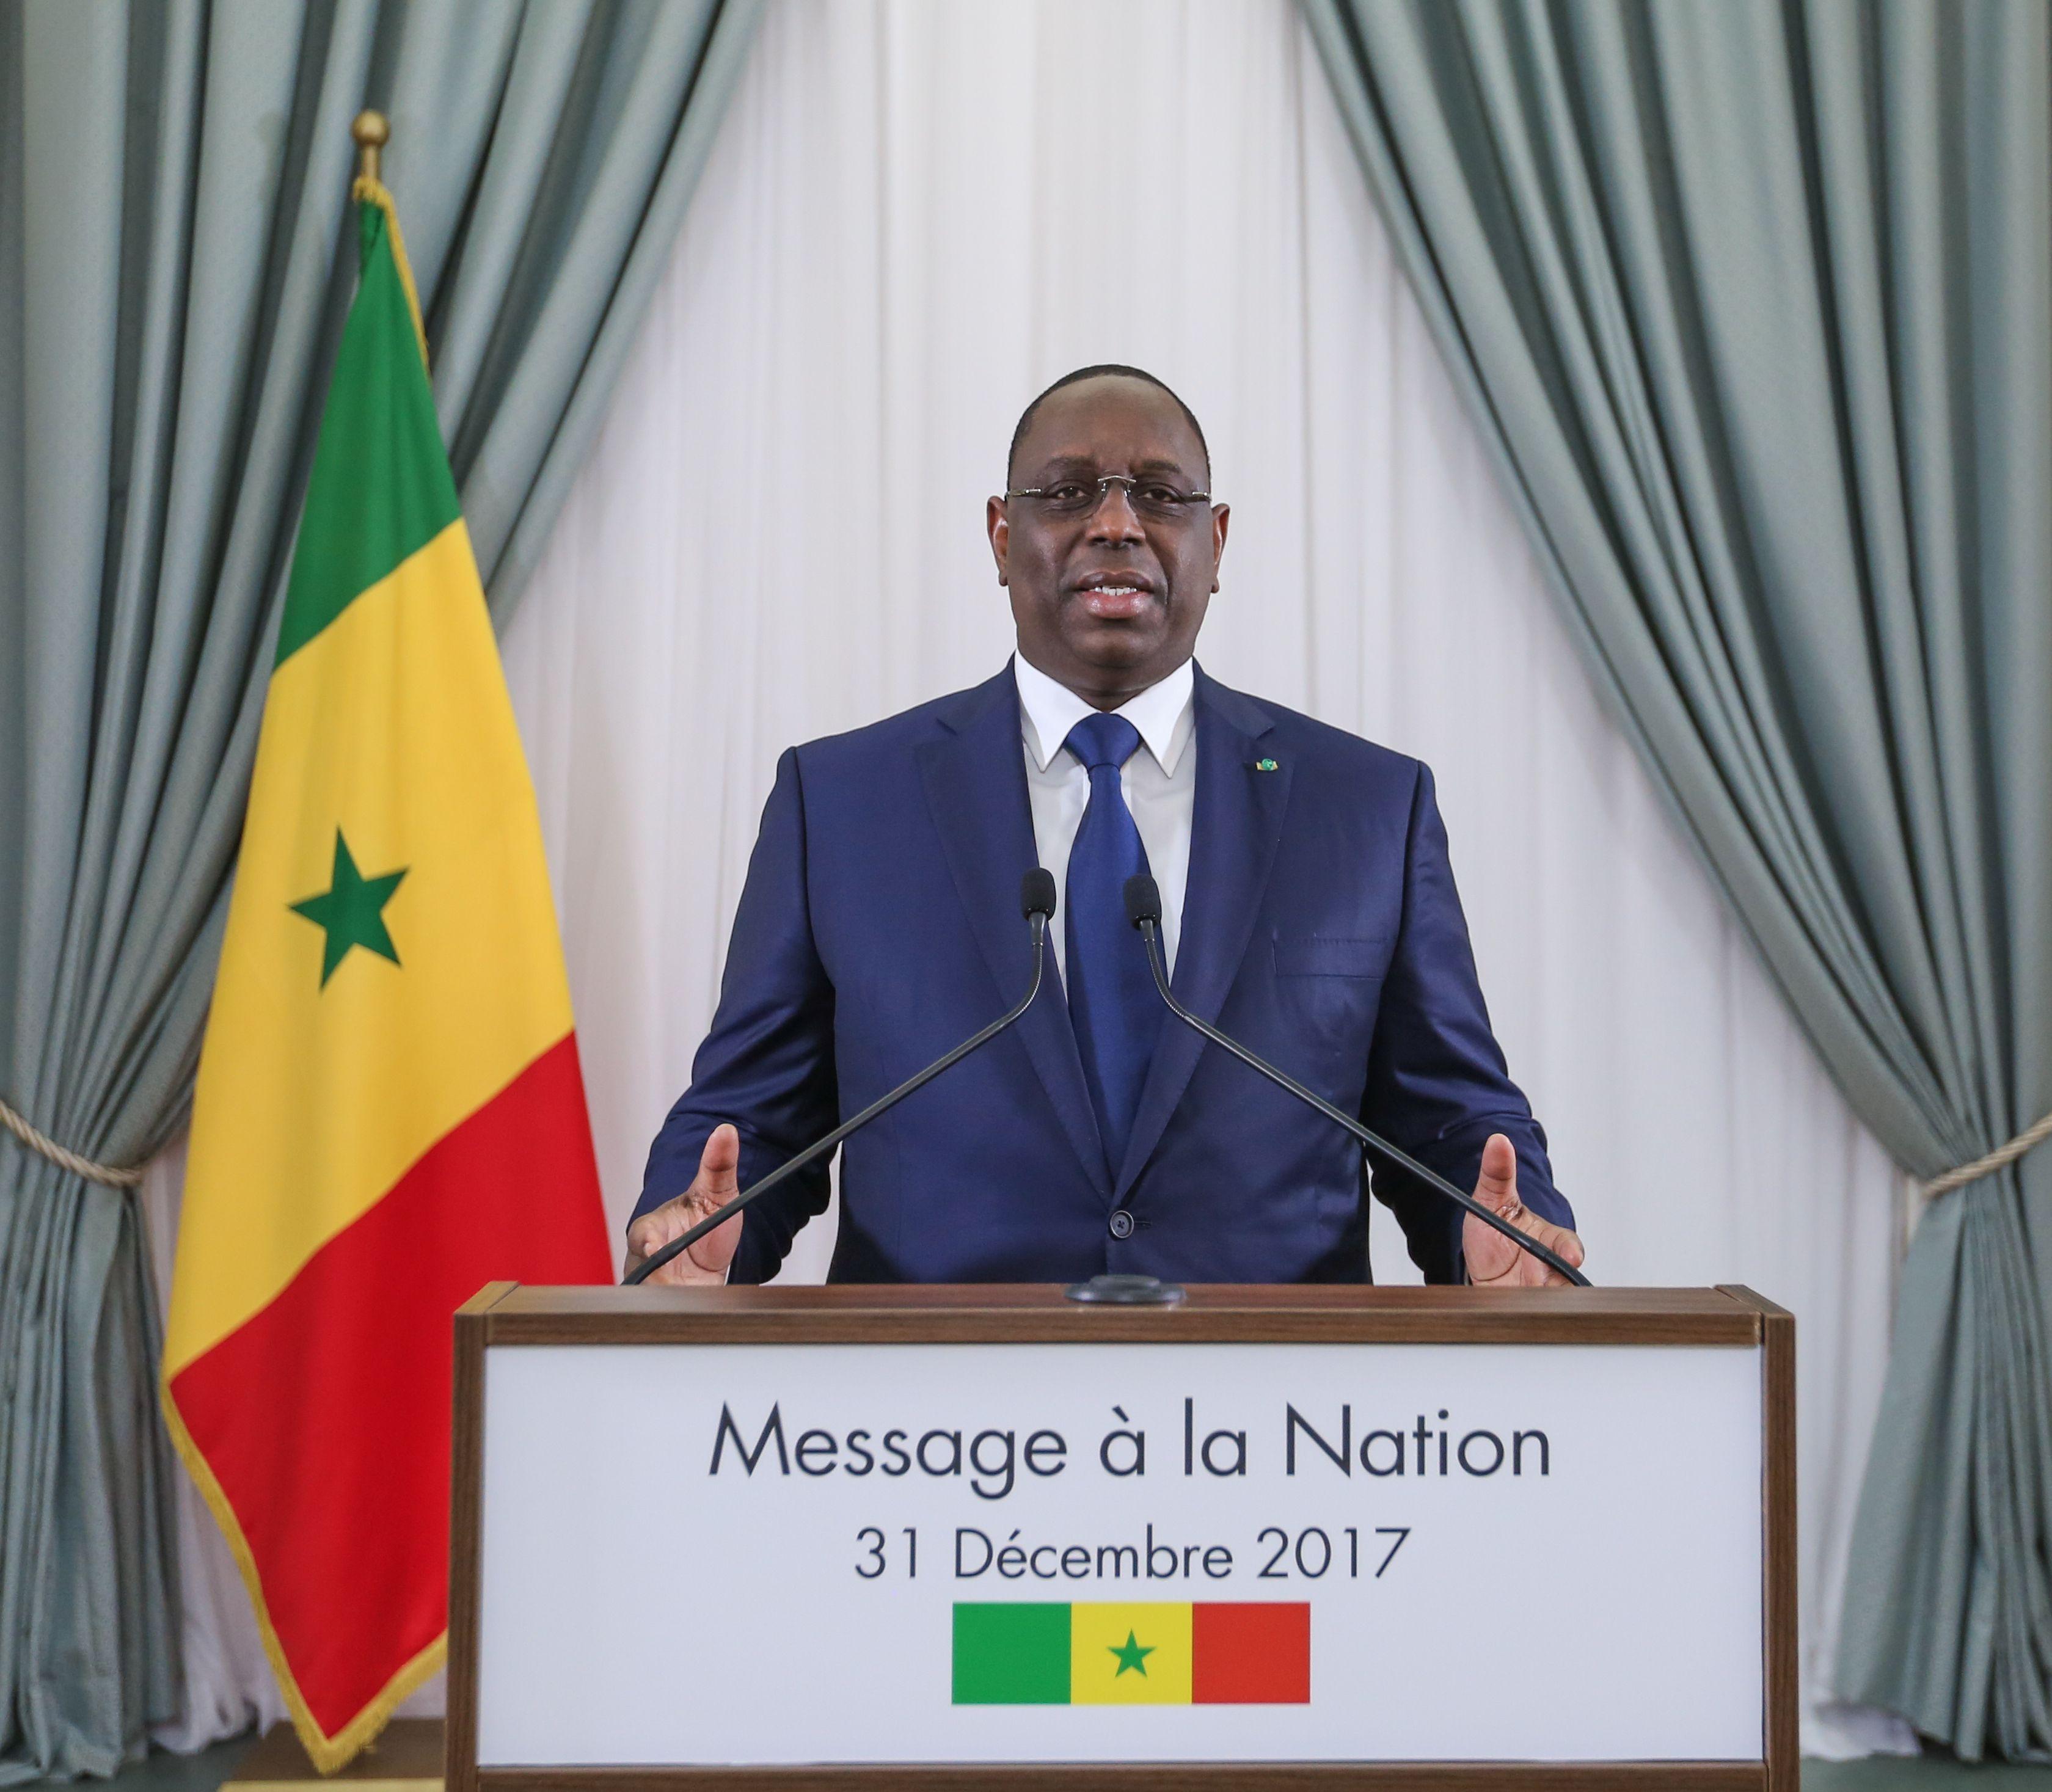 Casamance : Macky Sall insiste sur la nécessité de consolider la paix